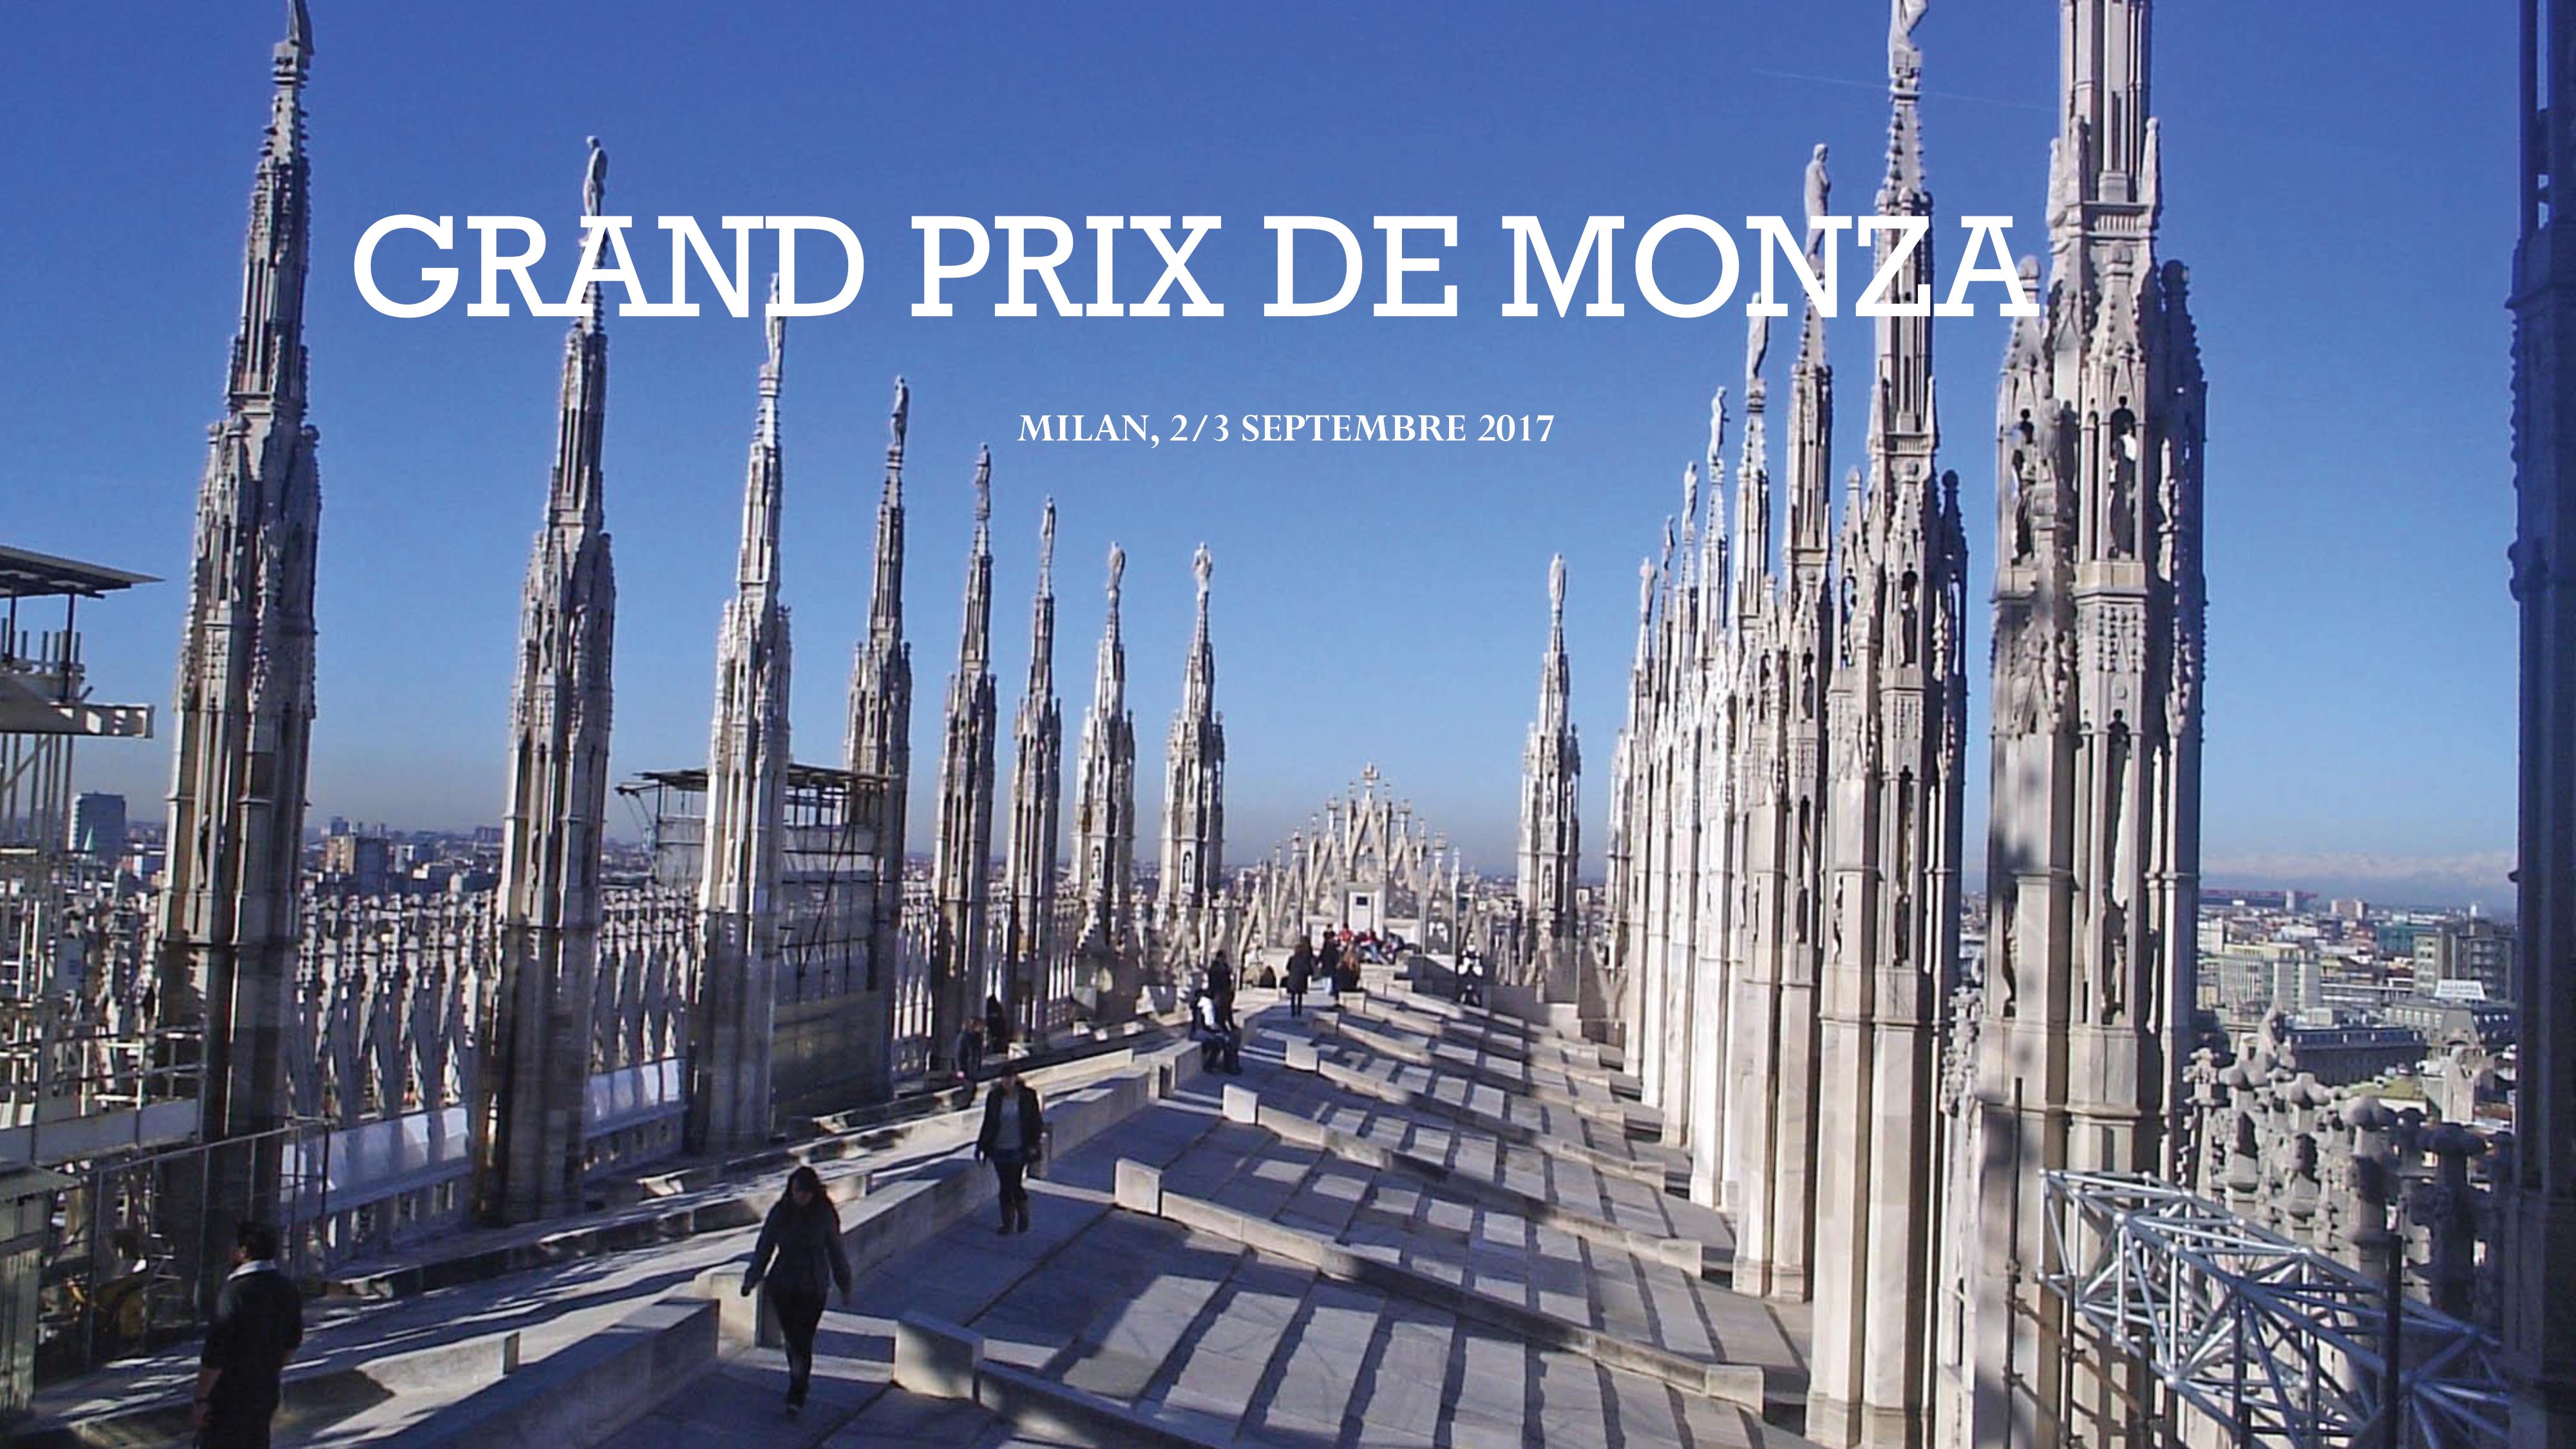 Grand Prix de Monza